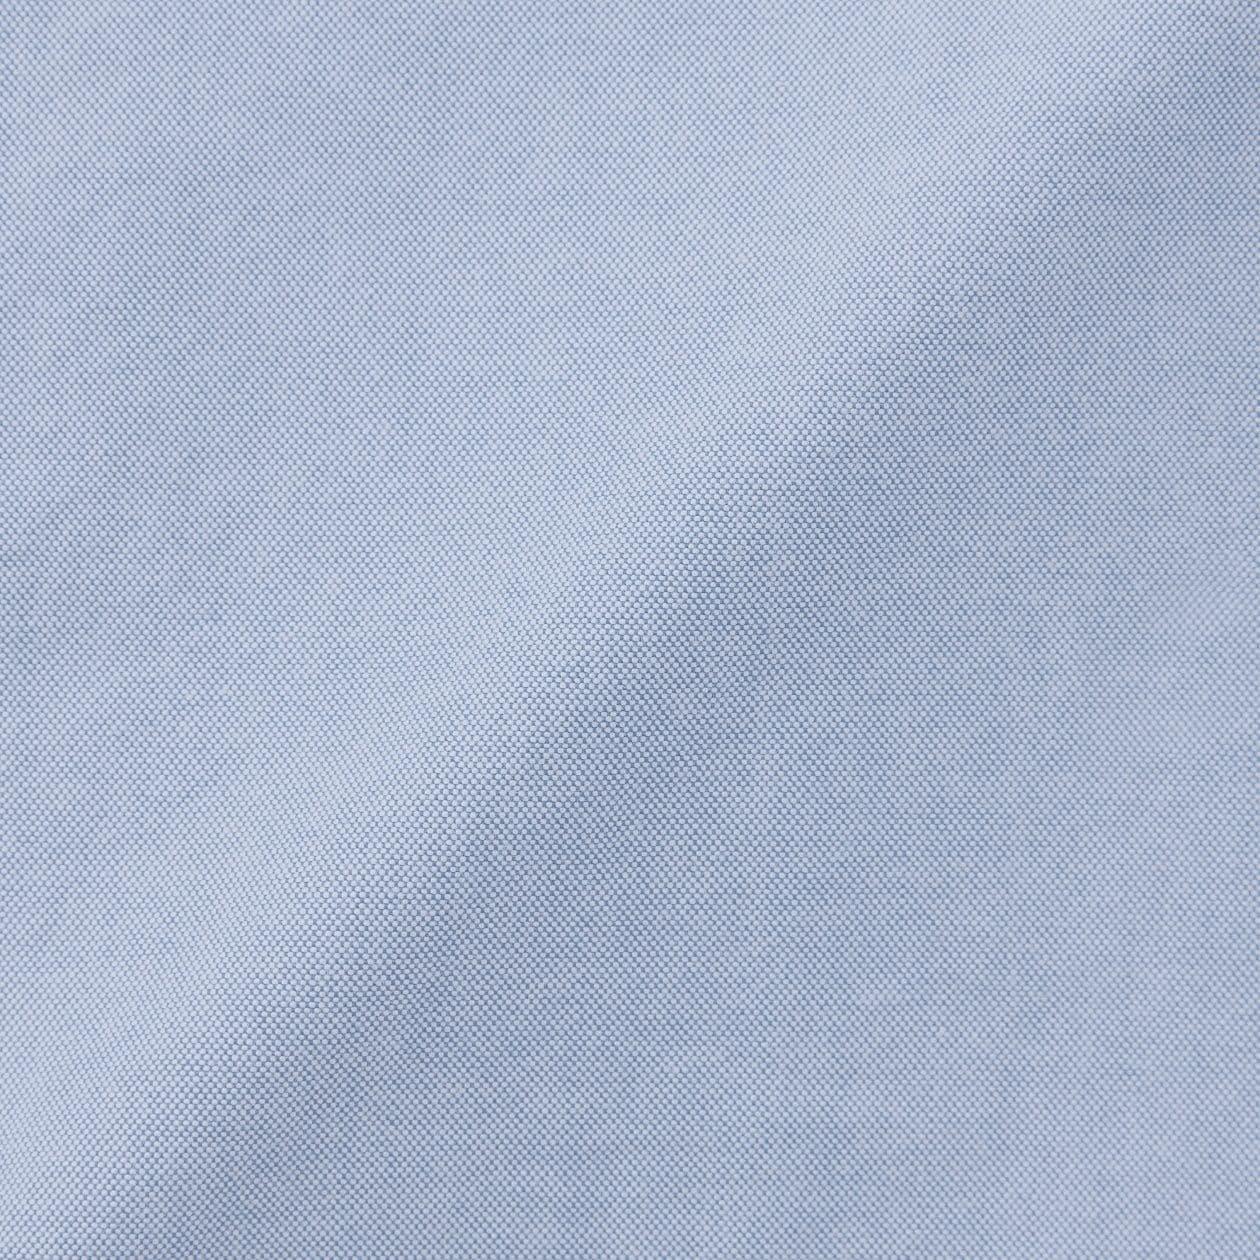 記事内画像:001【商品担当者が語る無印良品】オックスフォードのシャツ ②